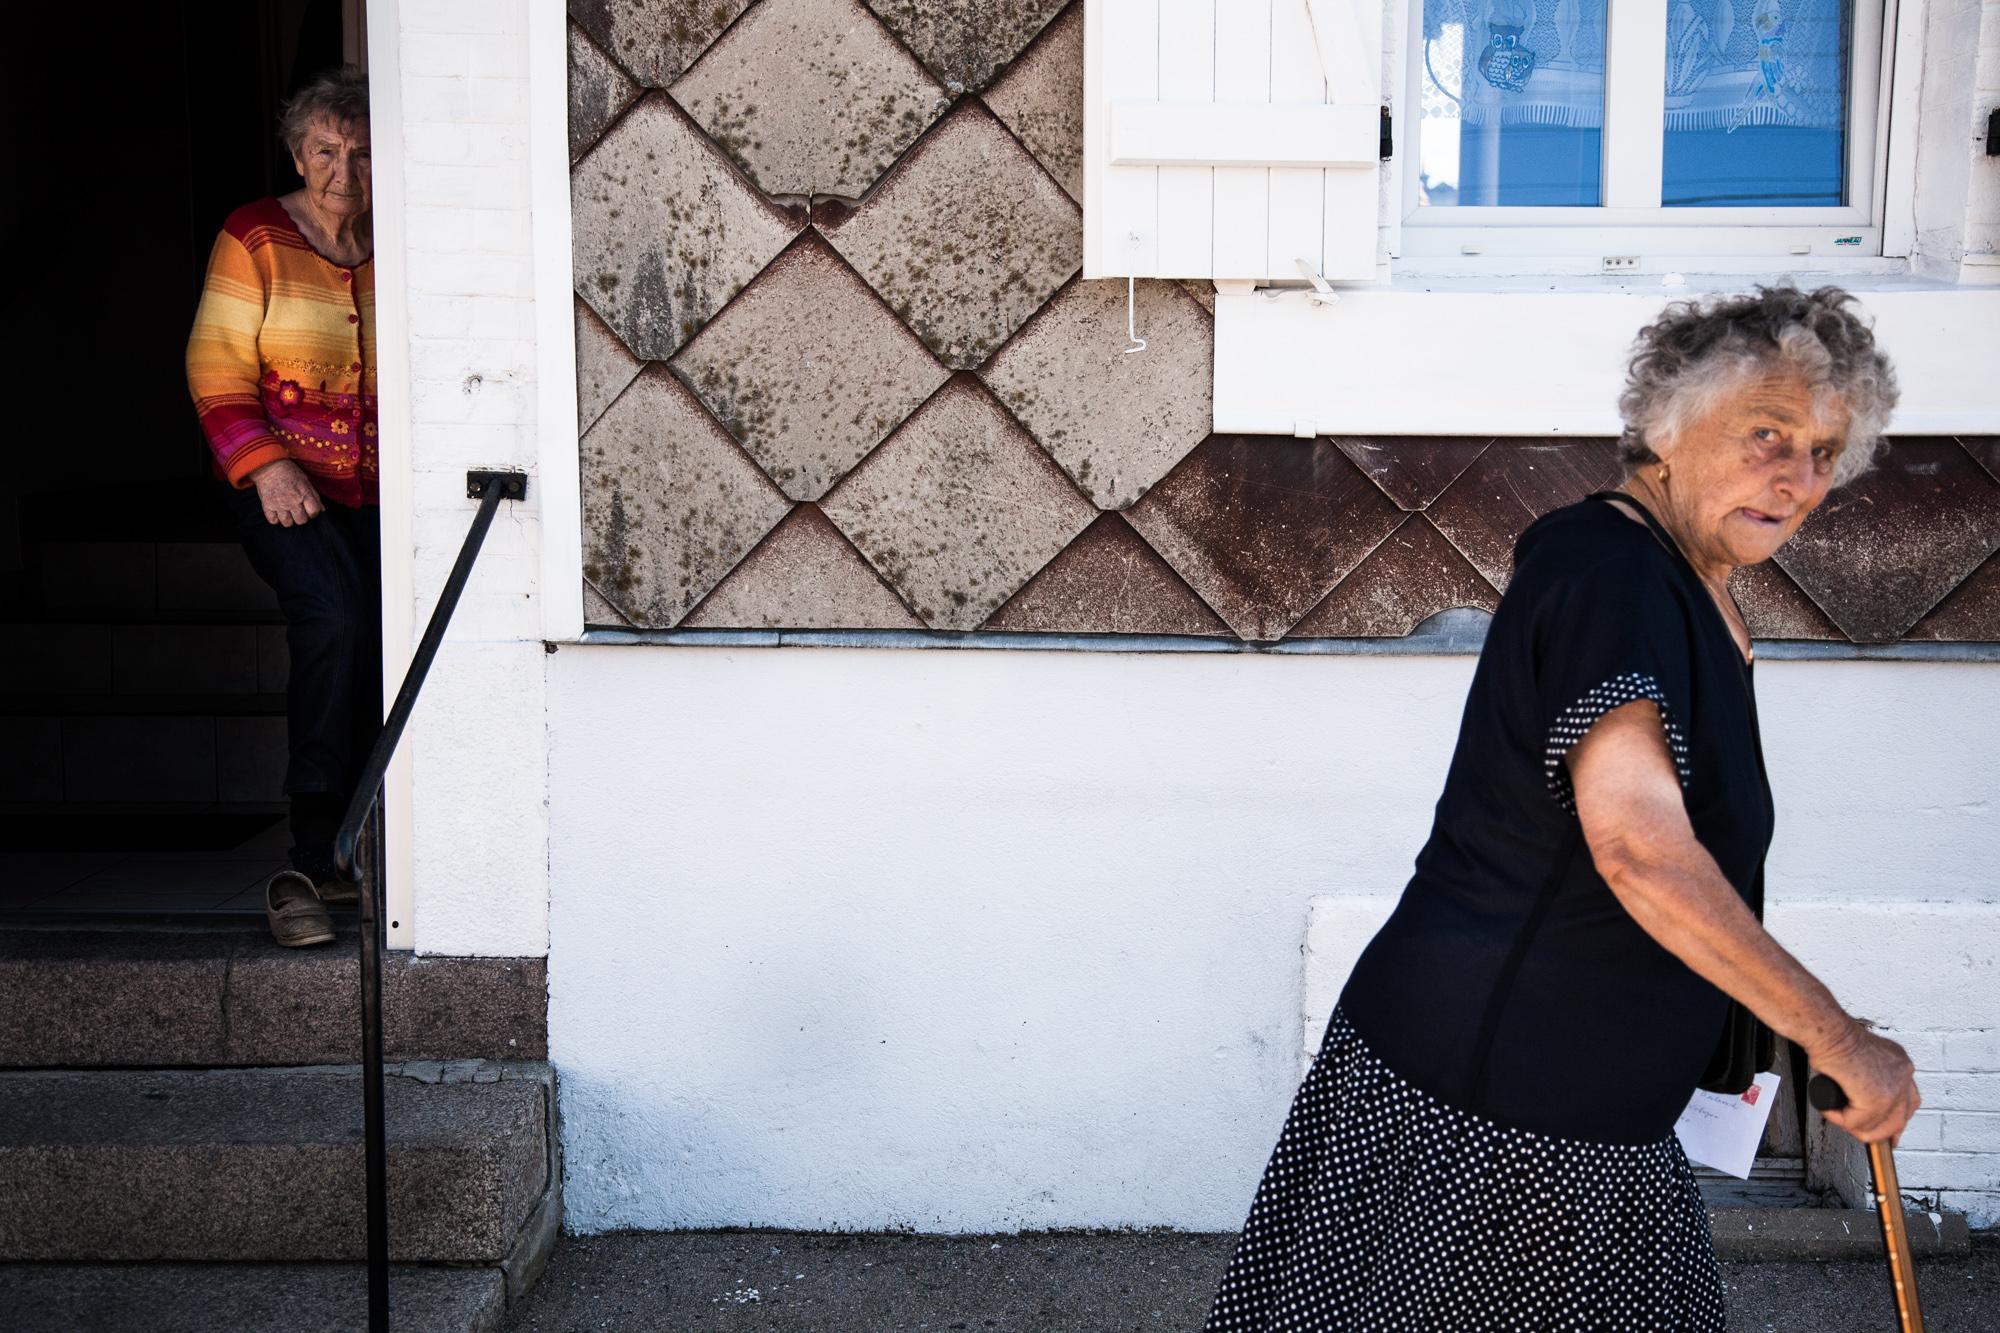 26 août 2010. Rue de la Vologne.Sous le regard d'une voisine, Georgette emporte une lettre à la boîte aux lettres. Avant, elle allait à la poste de Laveline- devant-Bruyères pour le courrier ou retirer de l'argent. « Ben, ils l'ont supprimée ». Elle a ses enfants pour l'emmener à Bruyères, à 5 km de là. « Mais les anciens qui n'ont personne, je ne sais pas... »  Extrait du projet webdocumentaire   Les Pieds dans la France  , co-réalisé avec Stéphane Doulé et Camille Millerand.